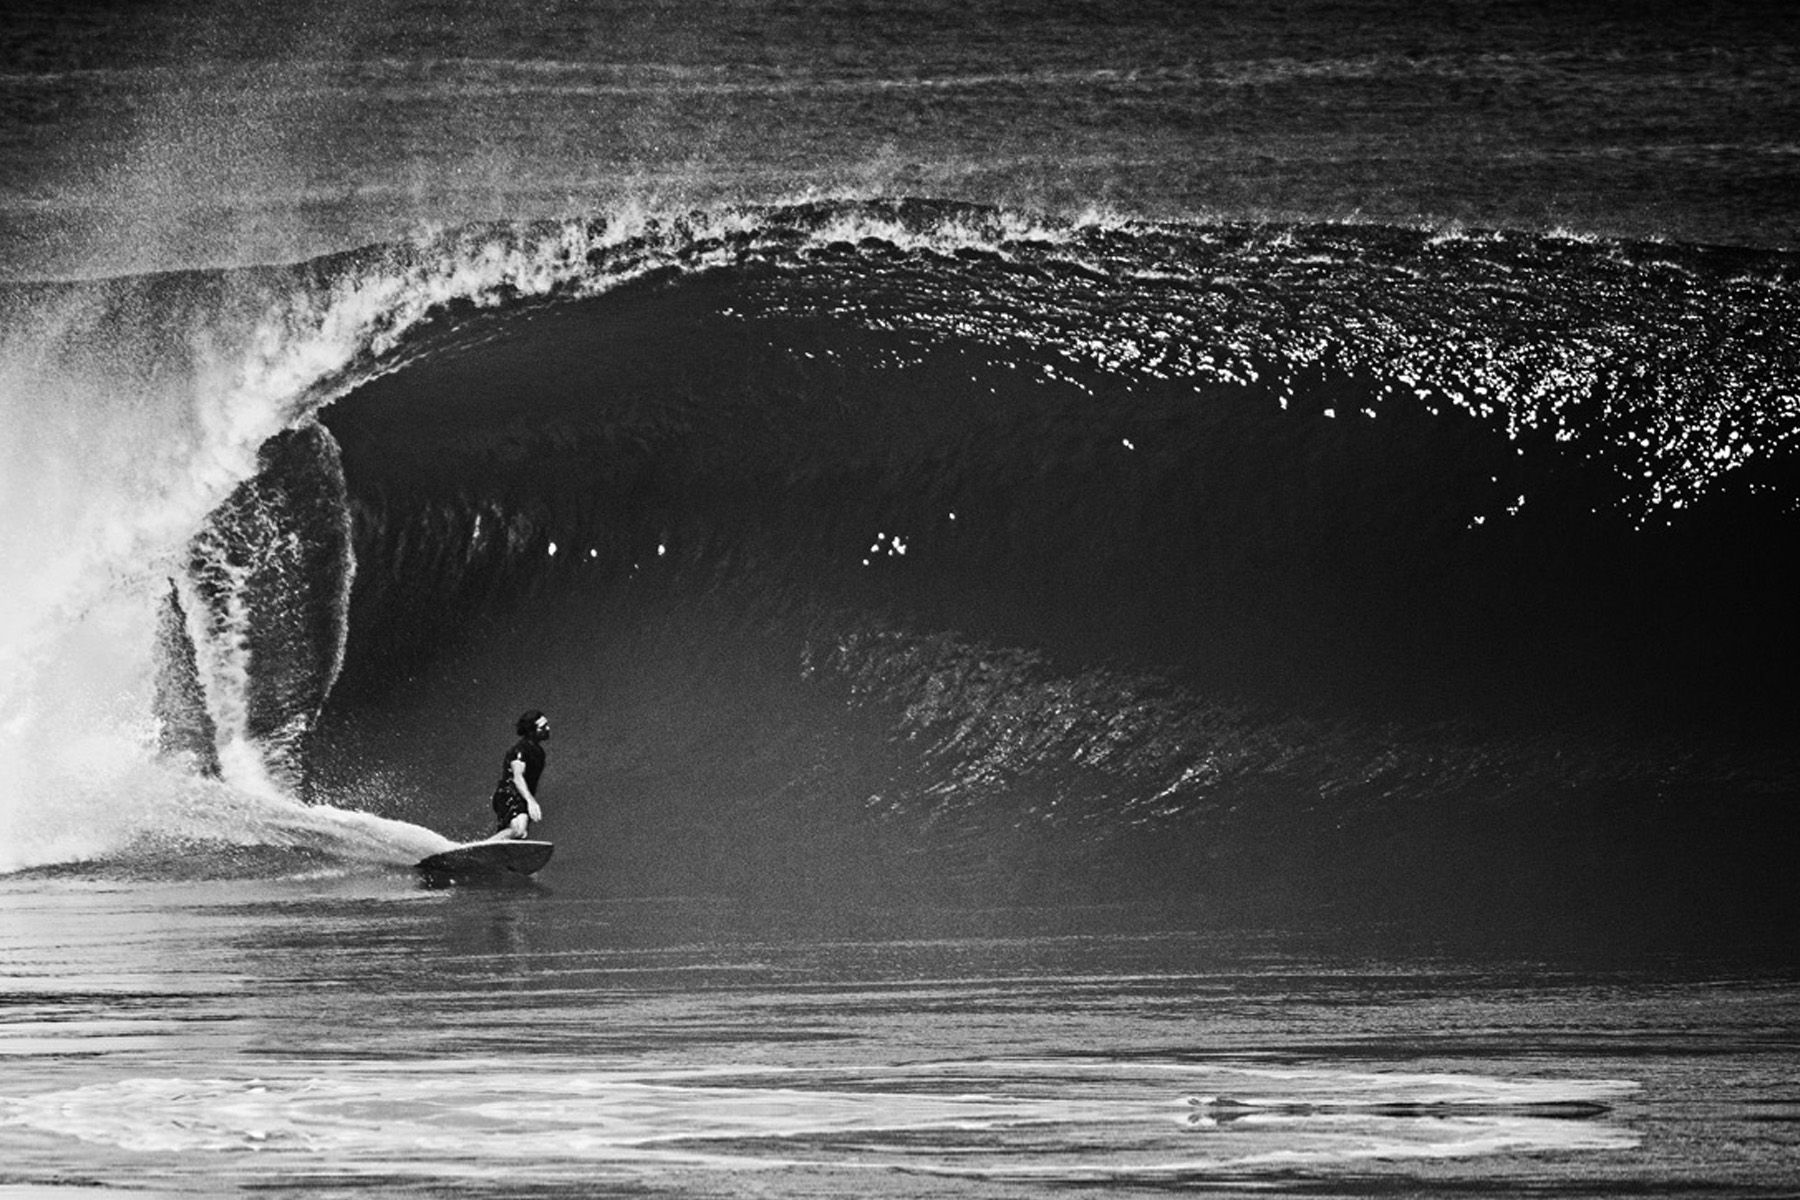 Et Surfboard Shaper Joel Fitzgerald Surfboards